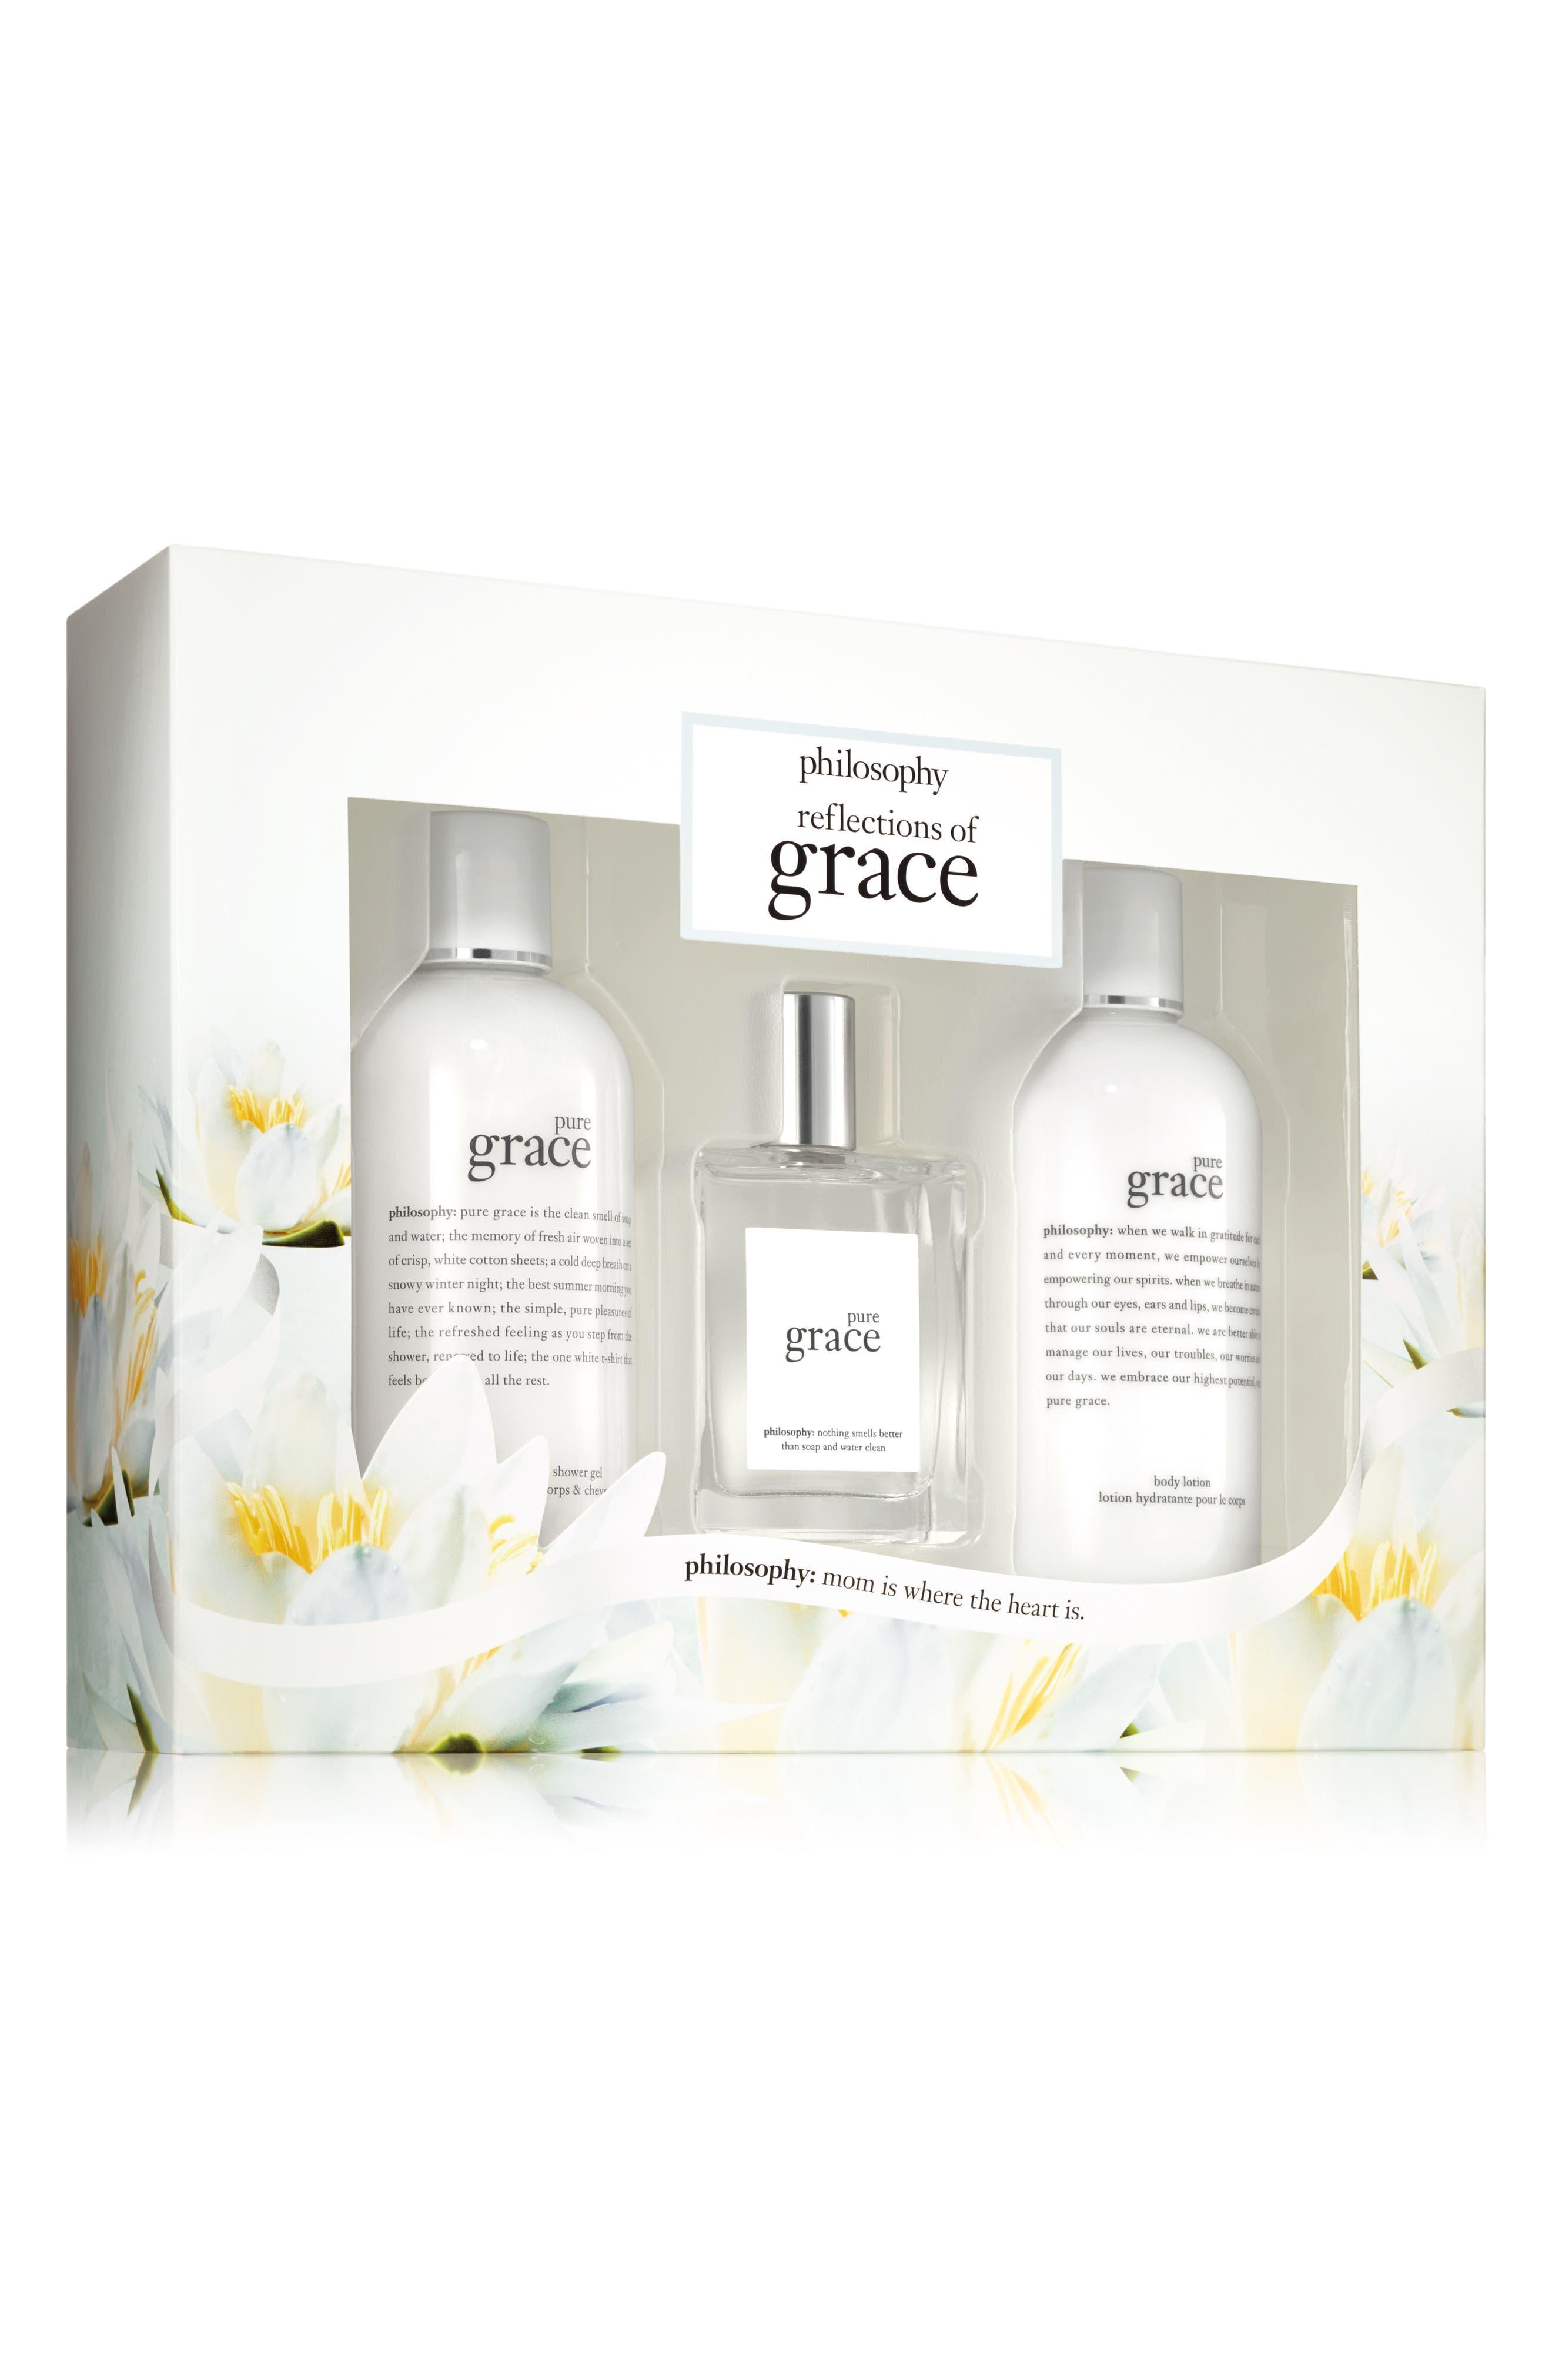 philosophy pure grace set ($88 Value)